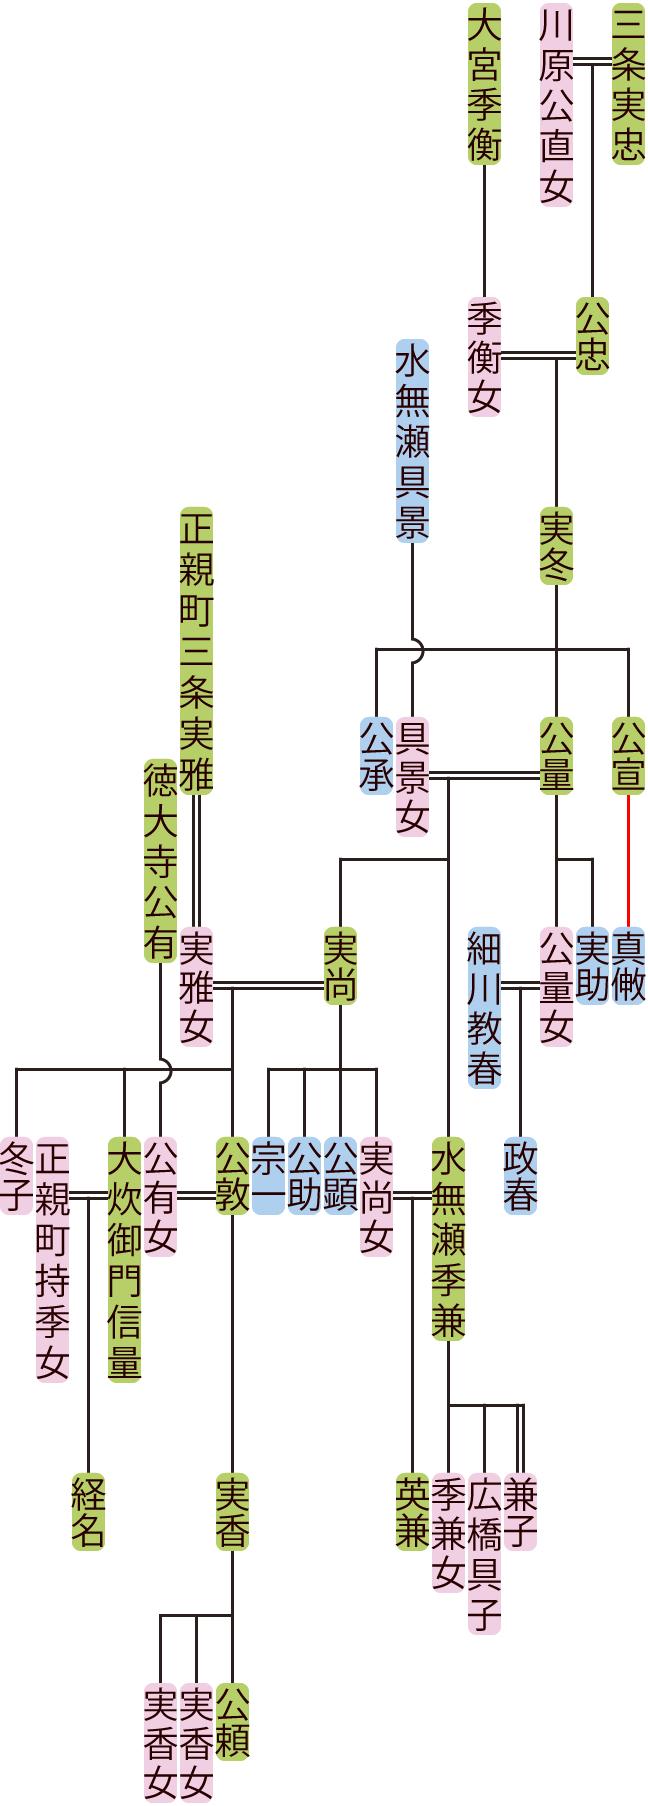 三条実冬~公敦の系図